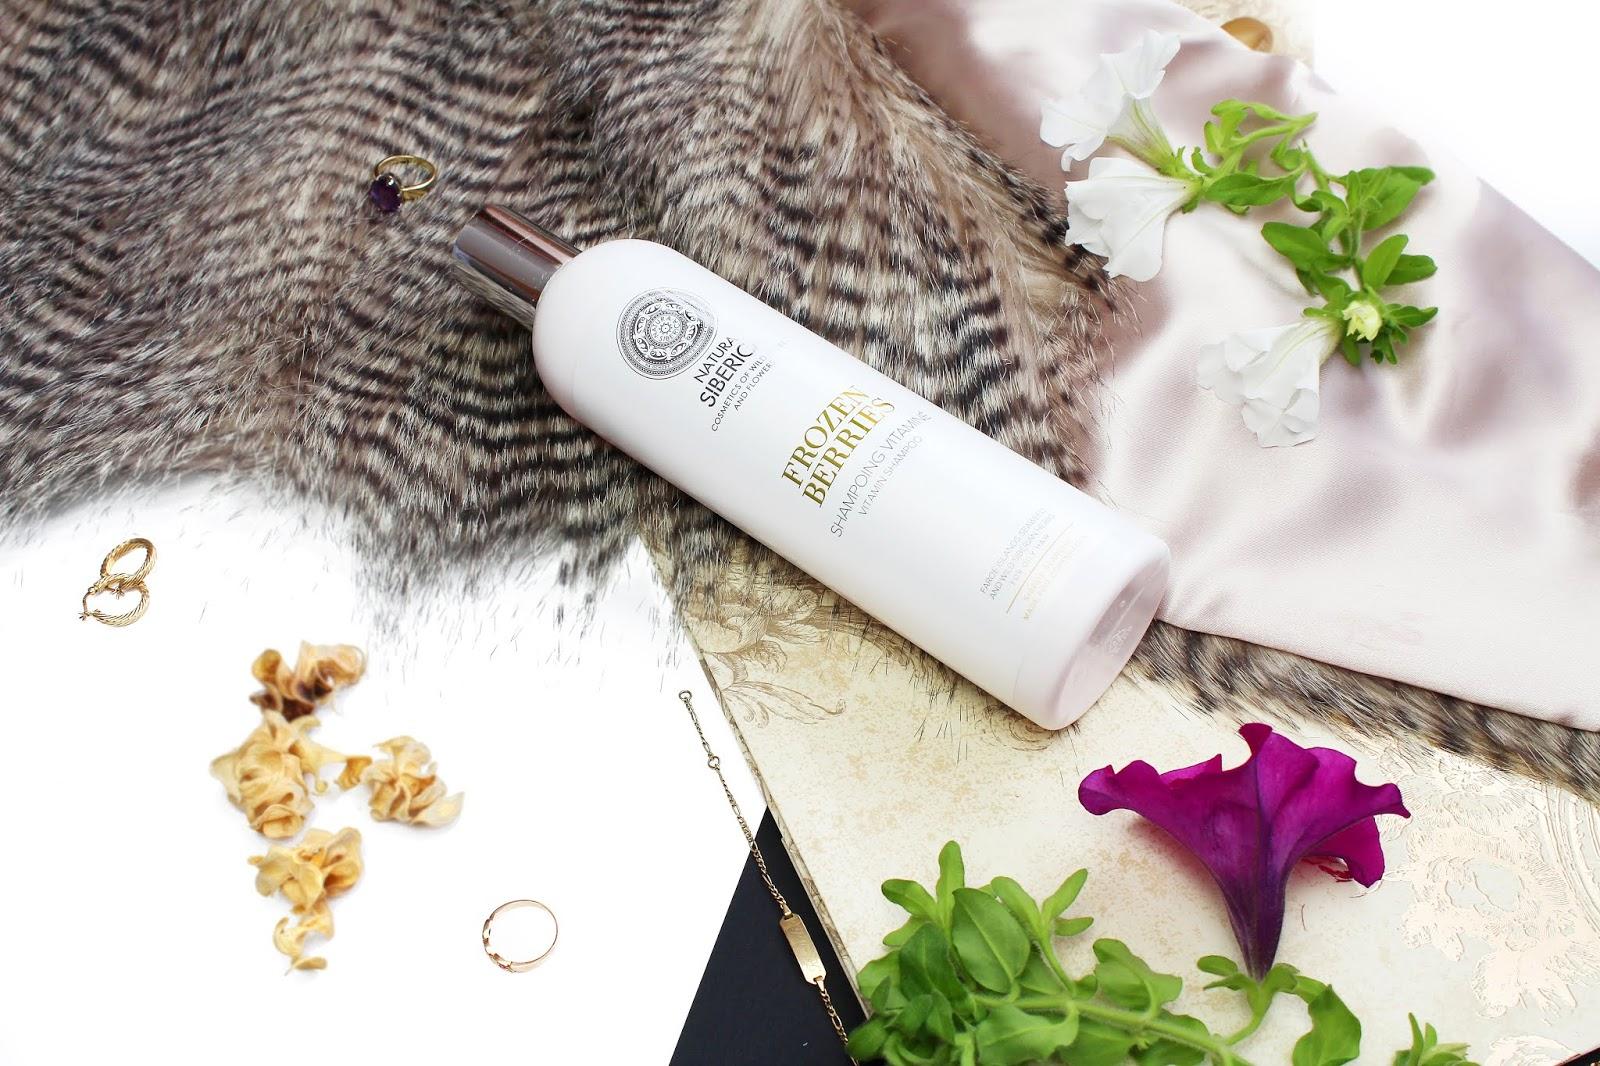 Natura Siberica, Witaminowy szampon do włosów przetłuszczających się Frozen Berries (Mrożone Jagody)